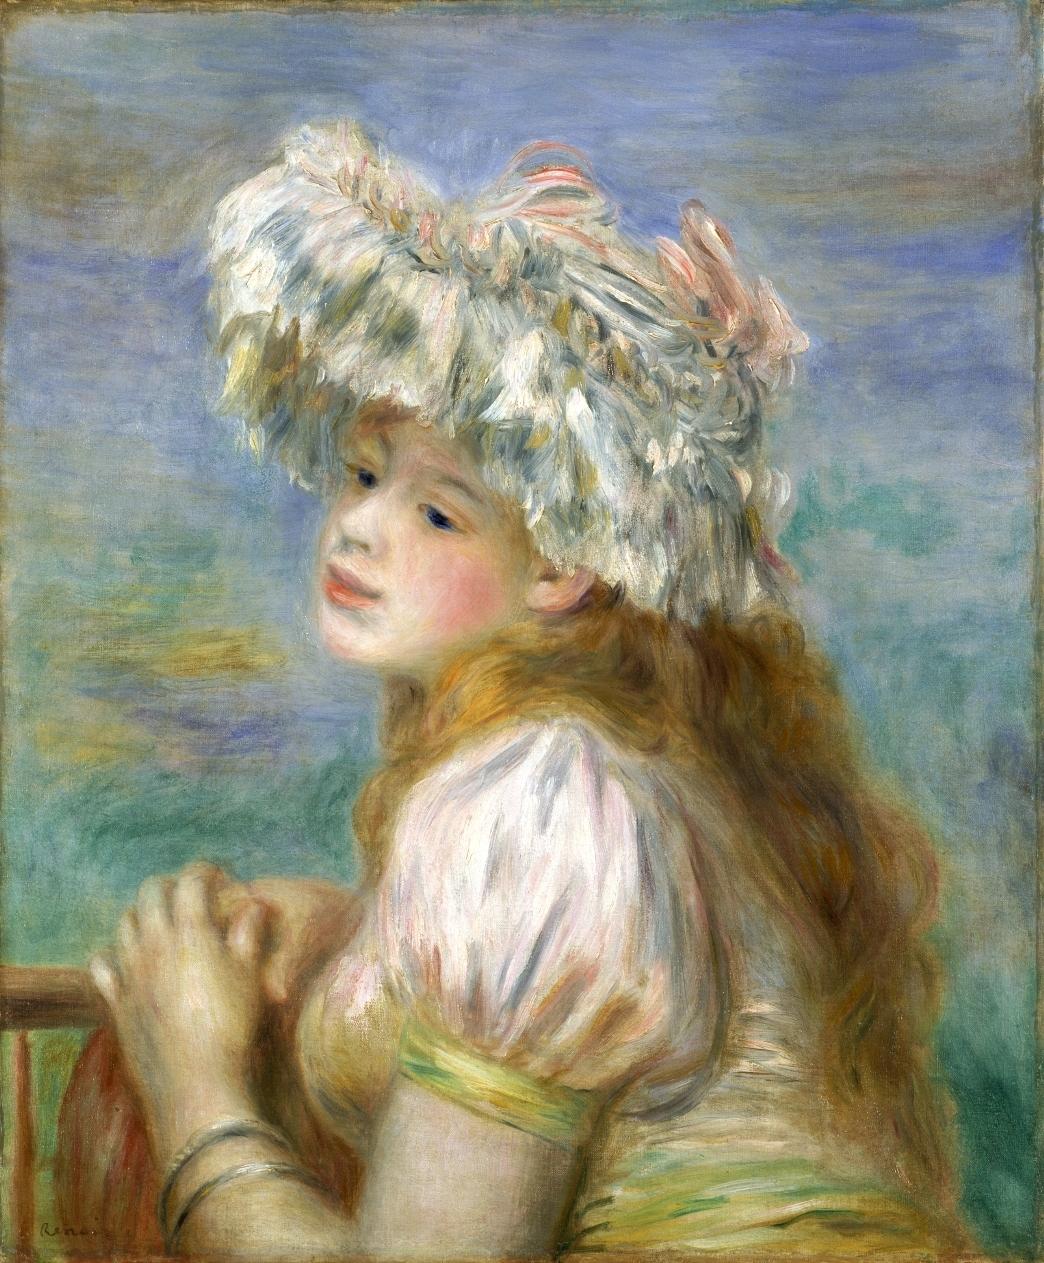 ピエール・オーギュスト・ルノワール《レースの帽子の少女》